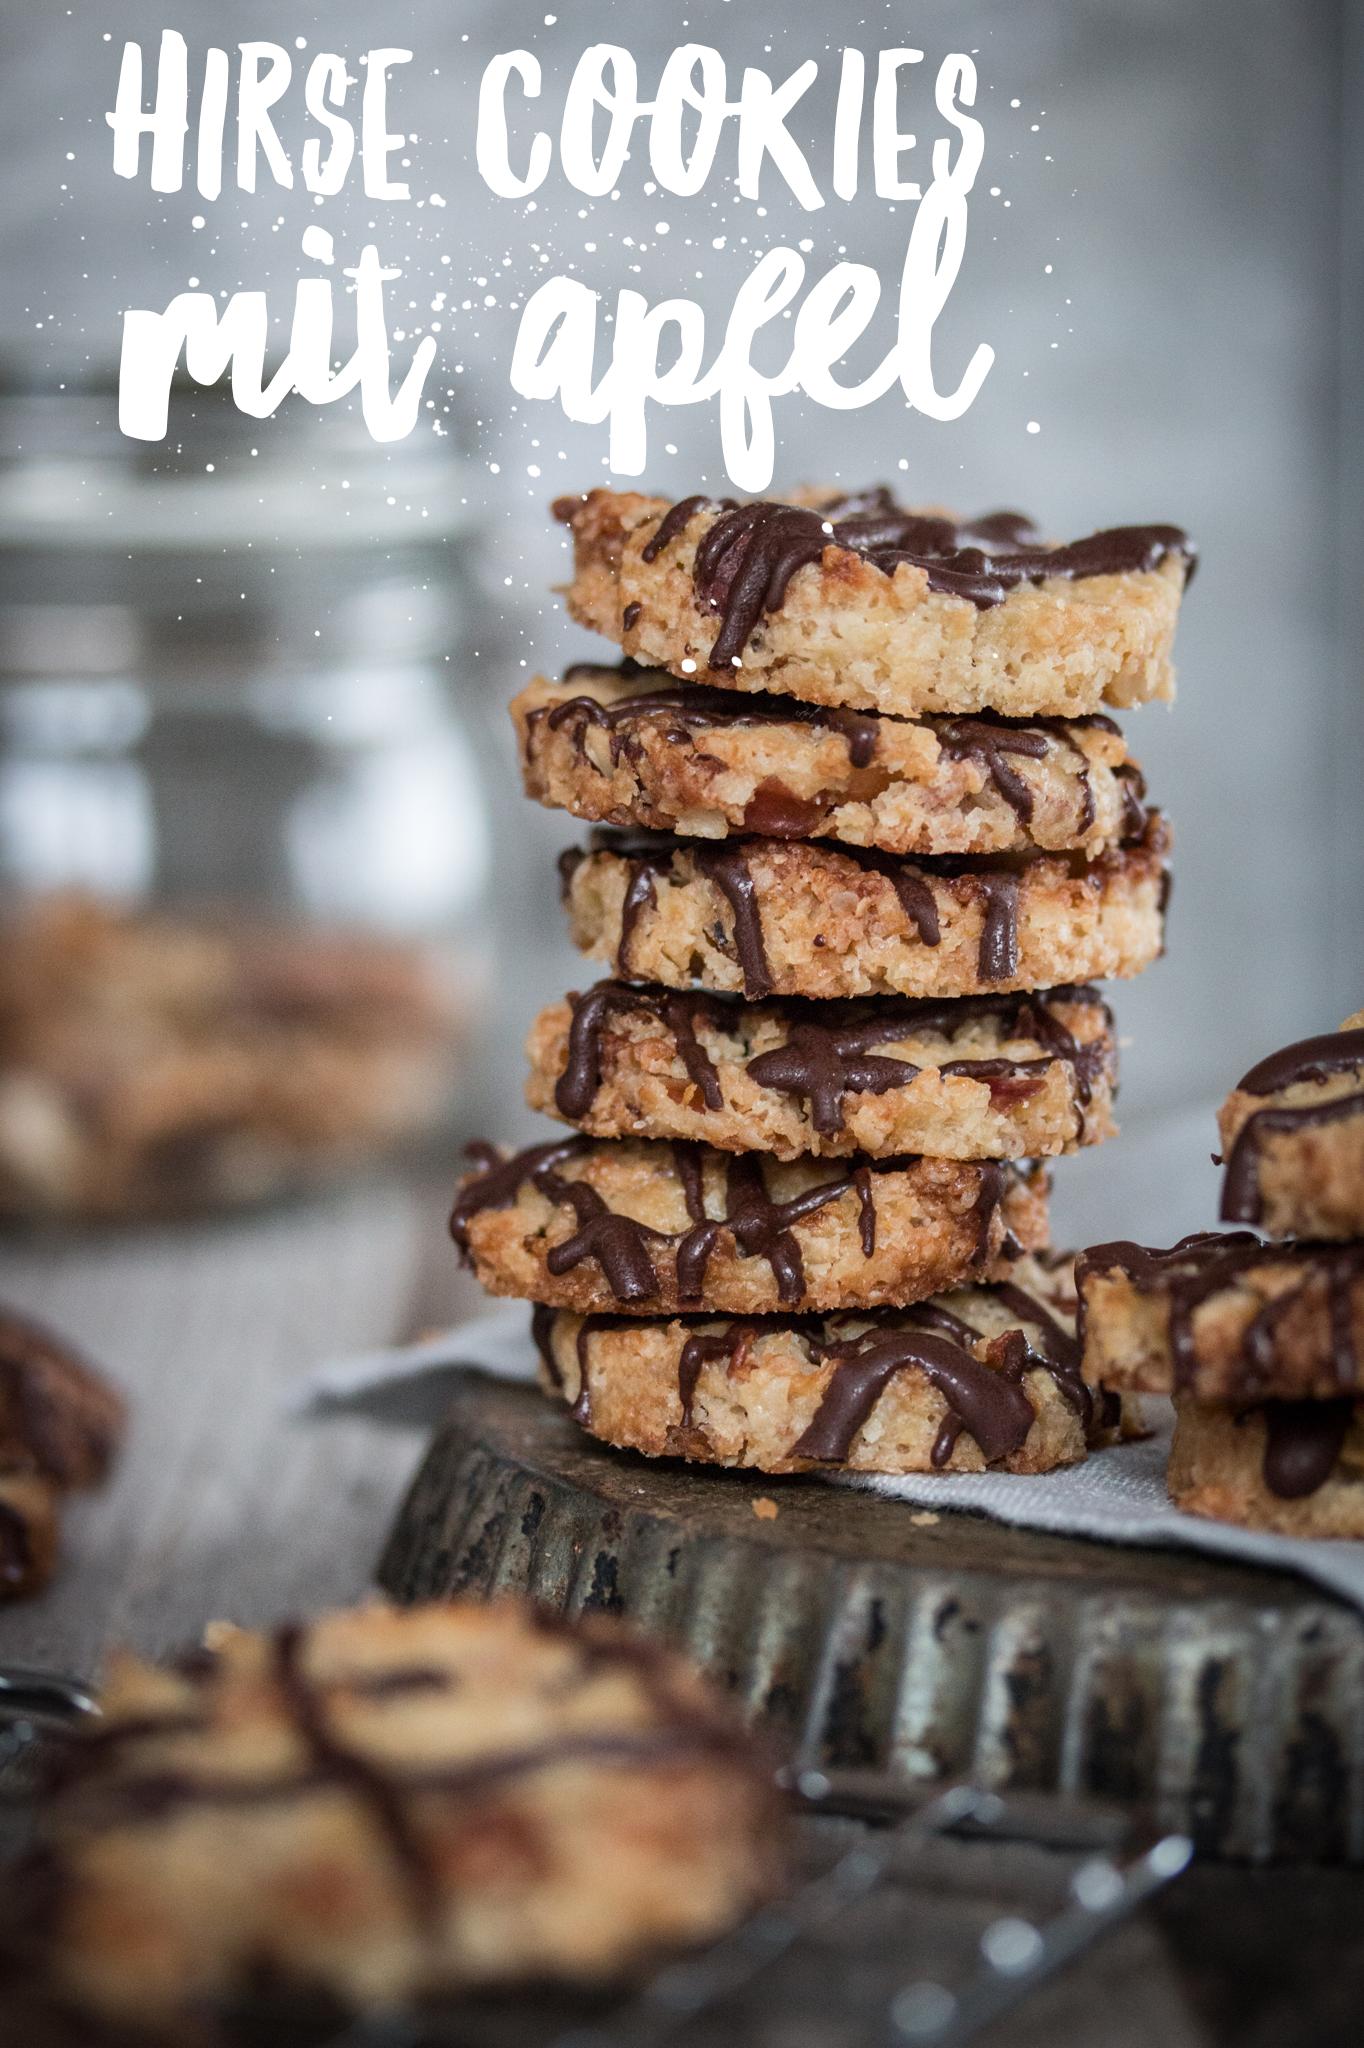 Hirse Cookies mit Apfel Rezept